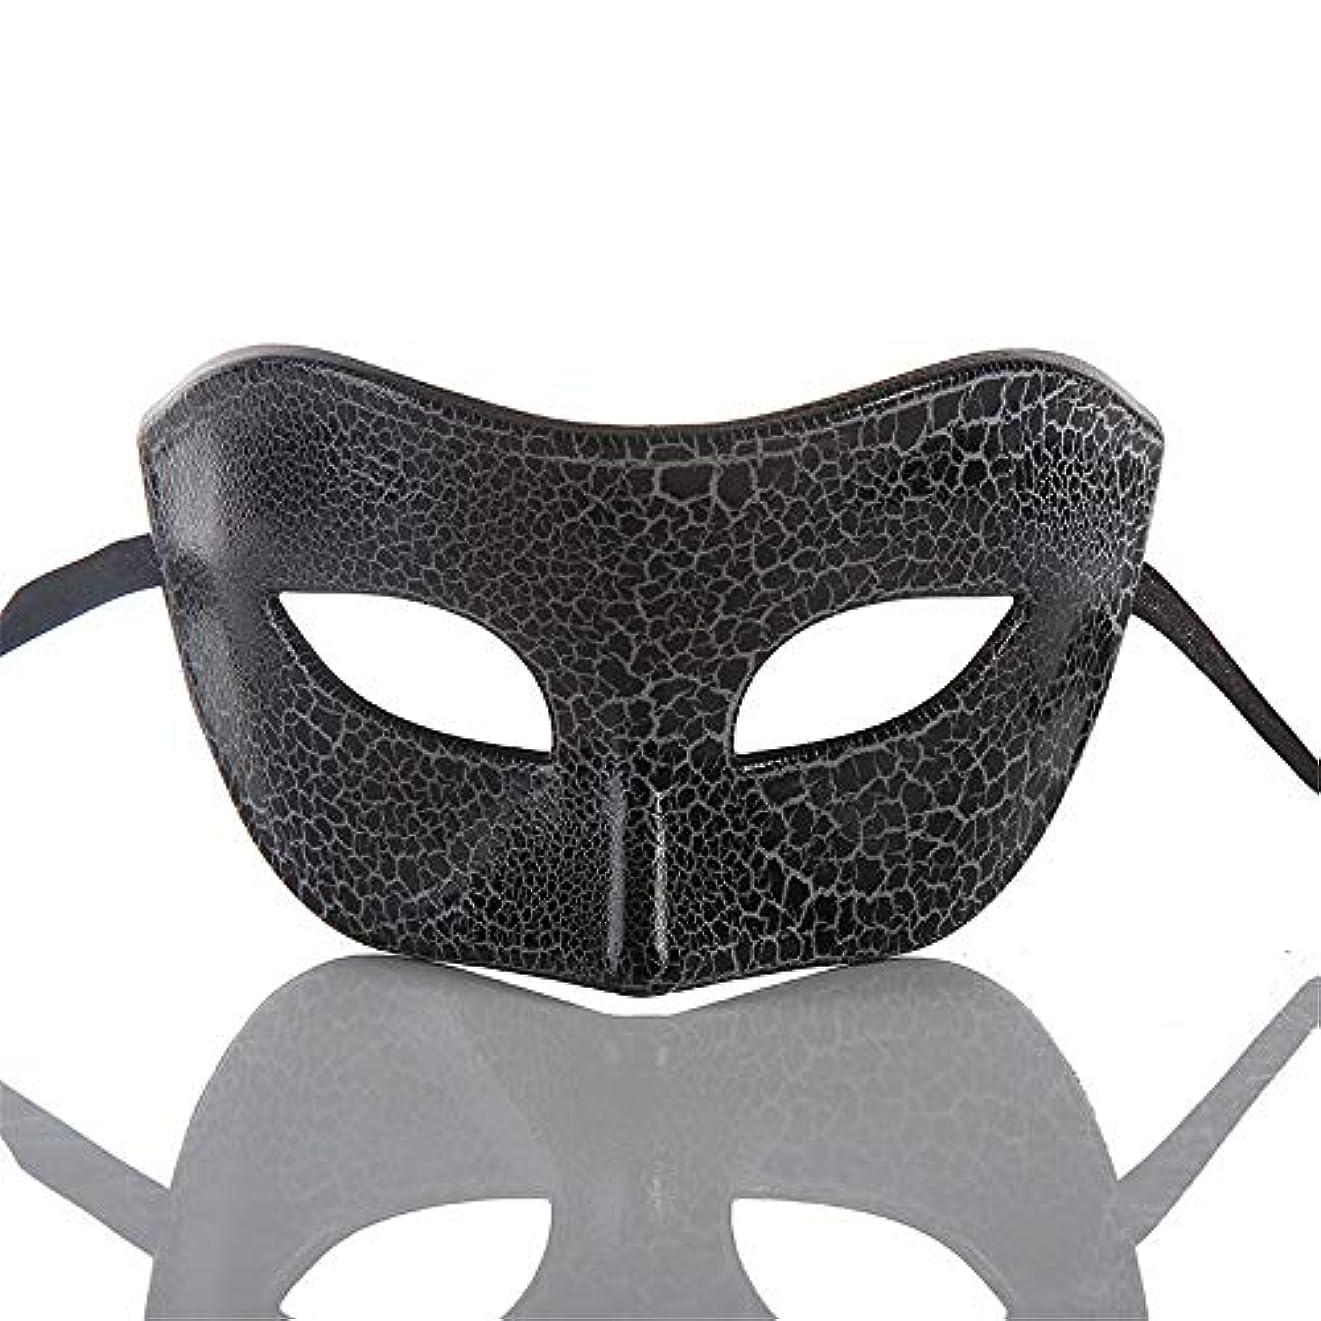 ダンスマスク ハーフマスク新しいハロウィーンマスク仮装レトロコスプレメイクナイトクラブマスク雰囲気クリスマスお祝いプラスチックマスク ホリデーパーティー用品 (色 : ブラック, サイズ : 16.5x8cm)